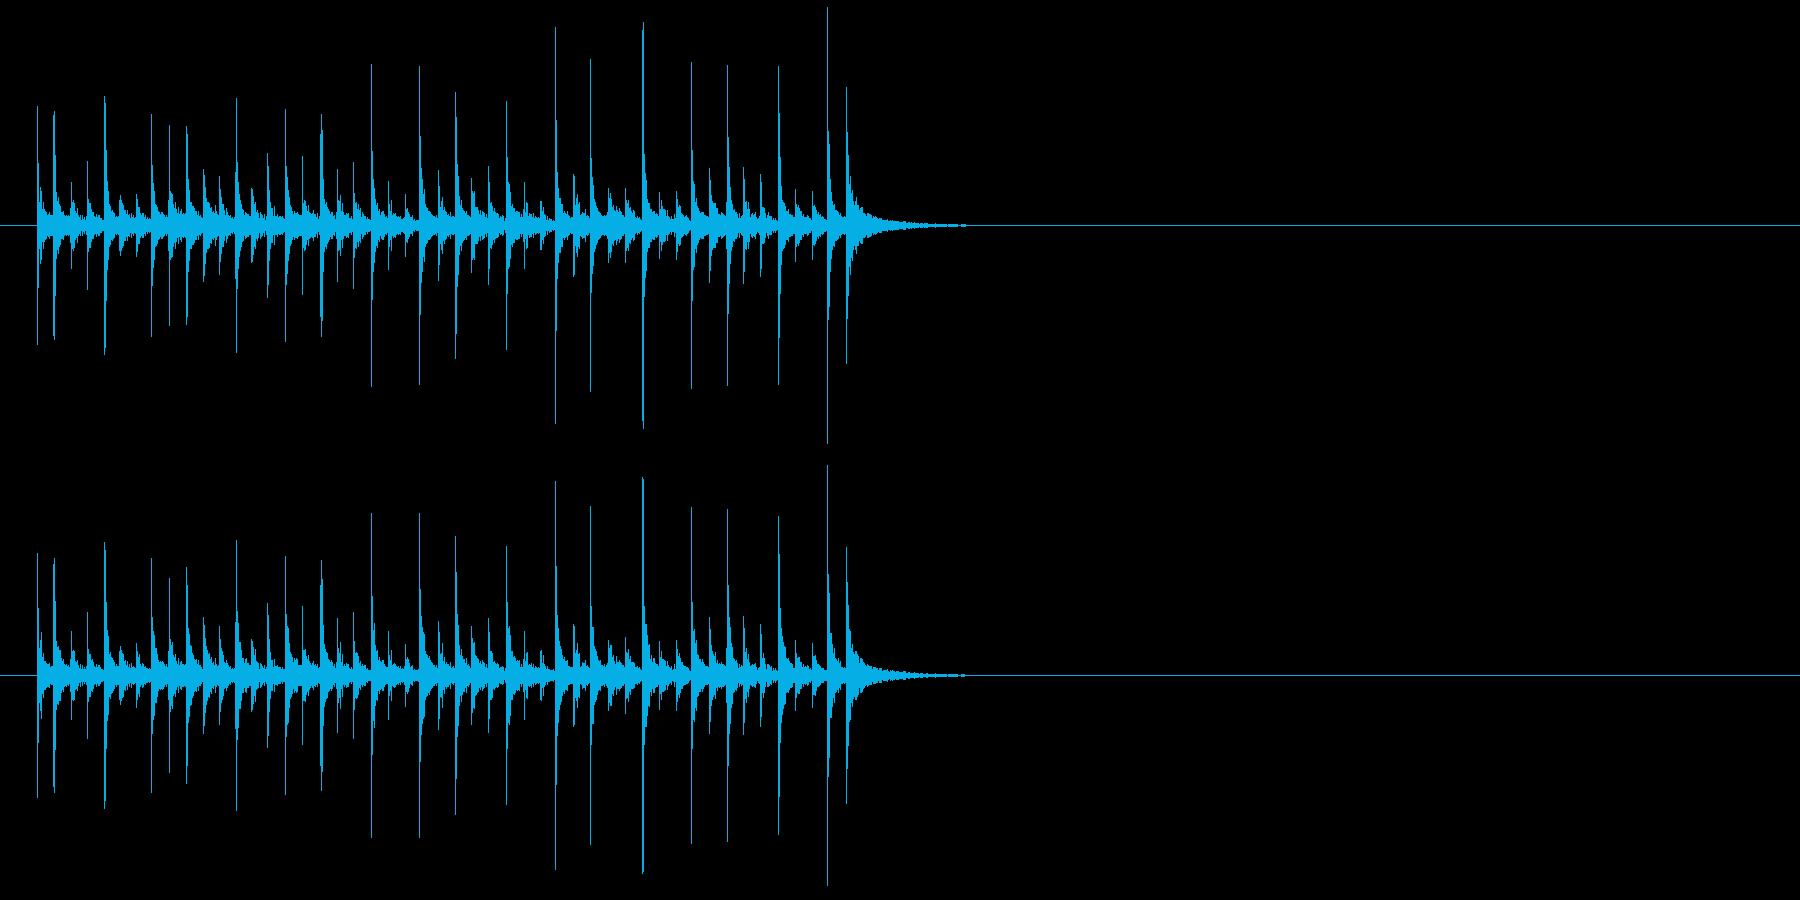 ランニングドラム、音楽、パーカッシ...の再生済みの波形